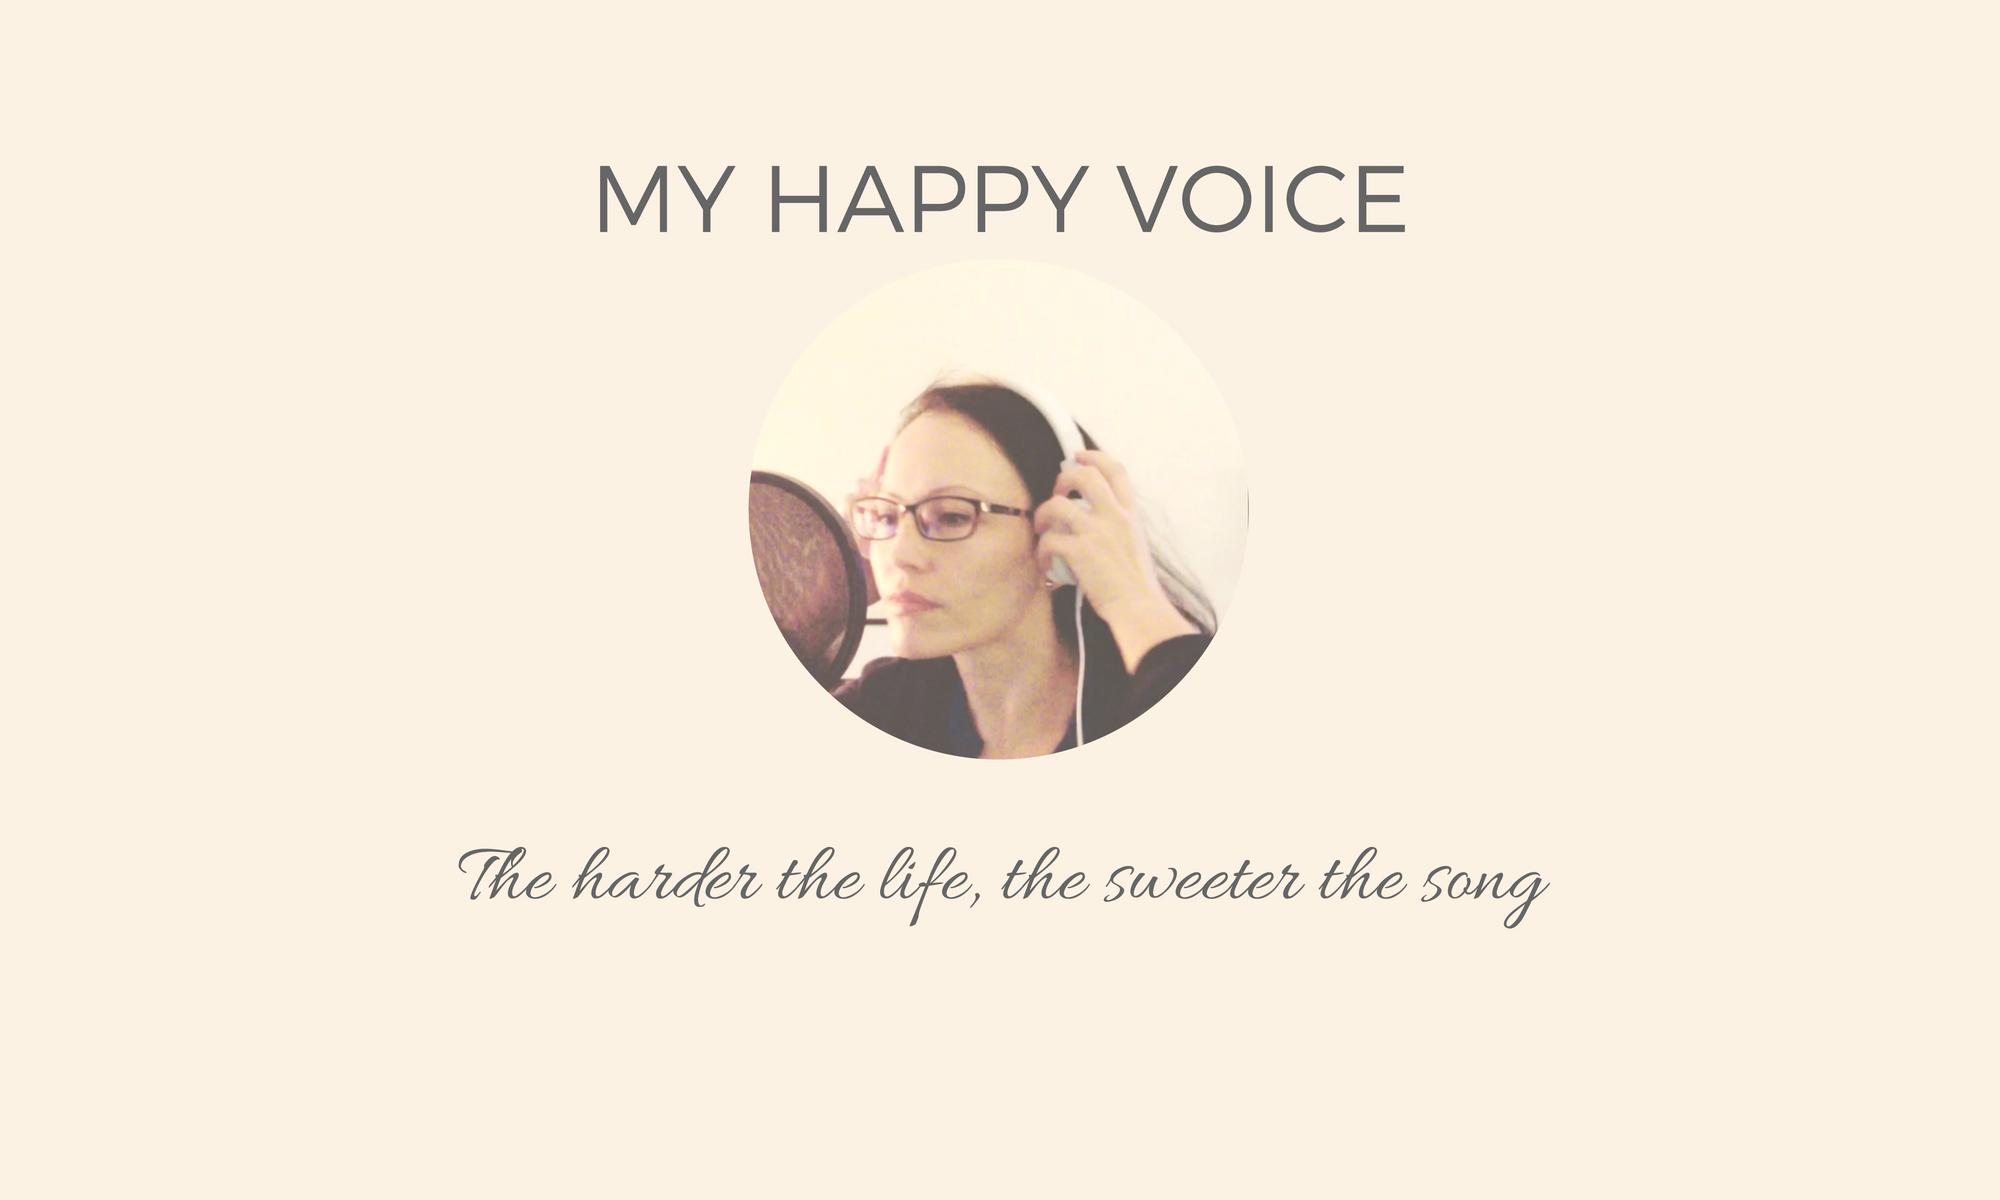 MY HAPPY VOICE